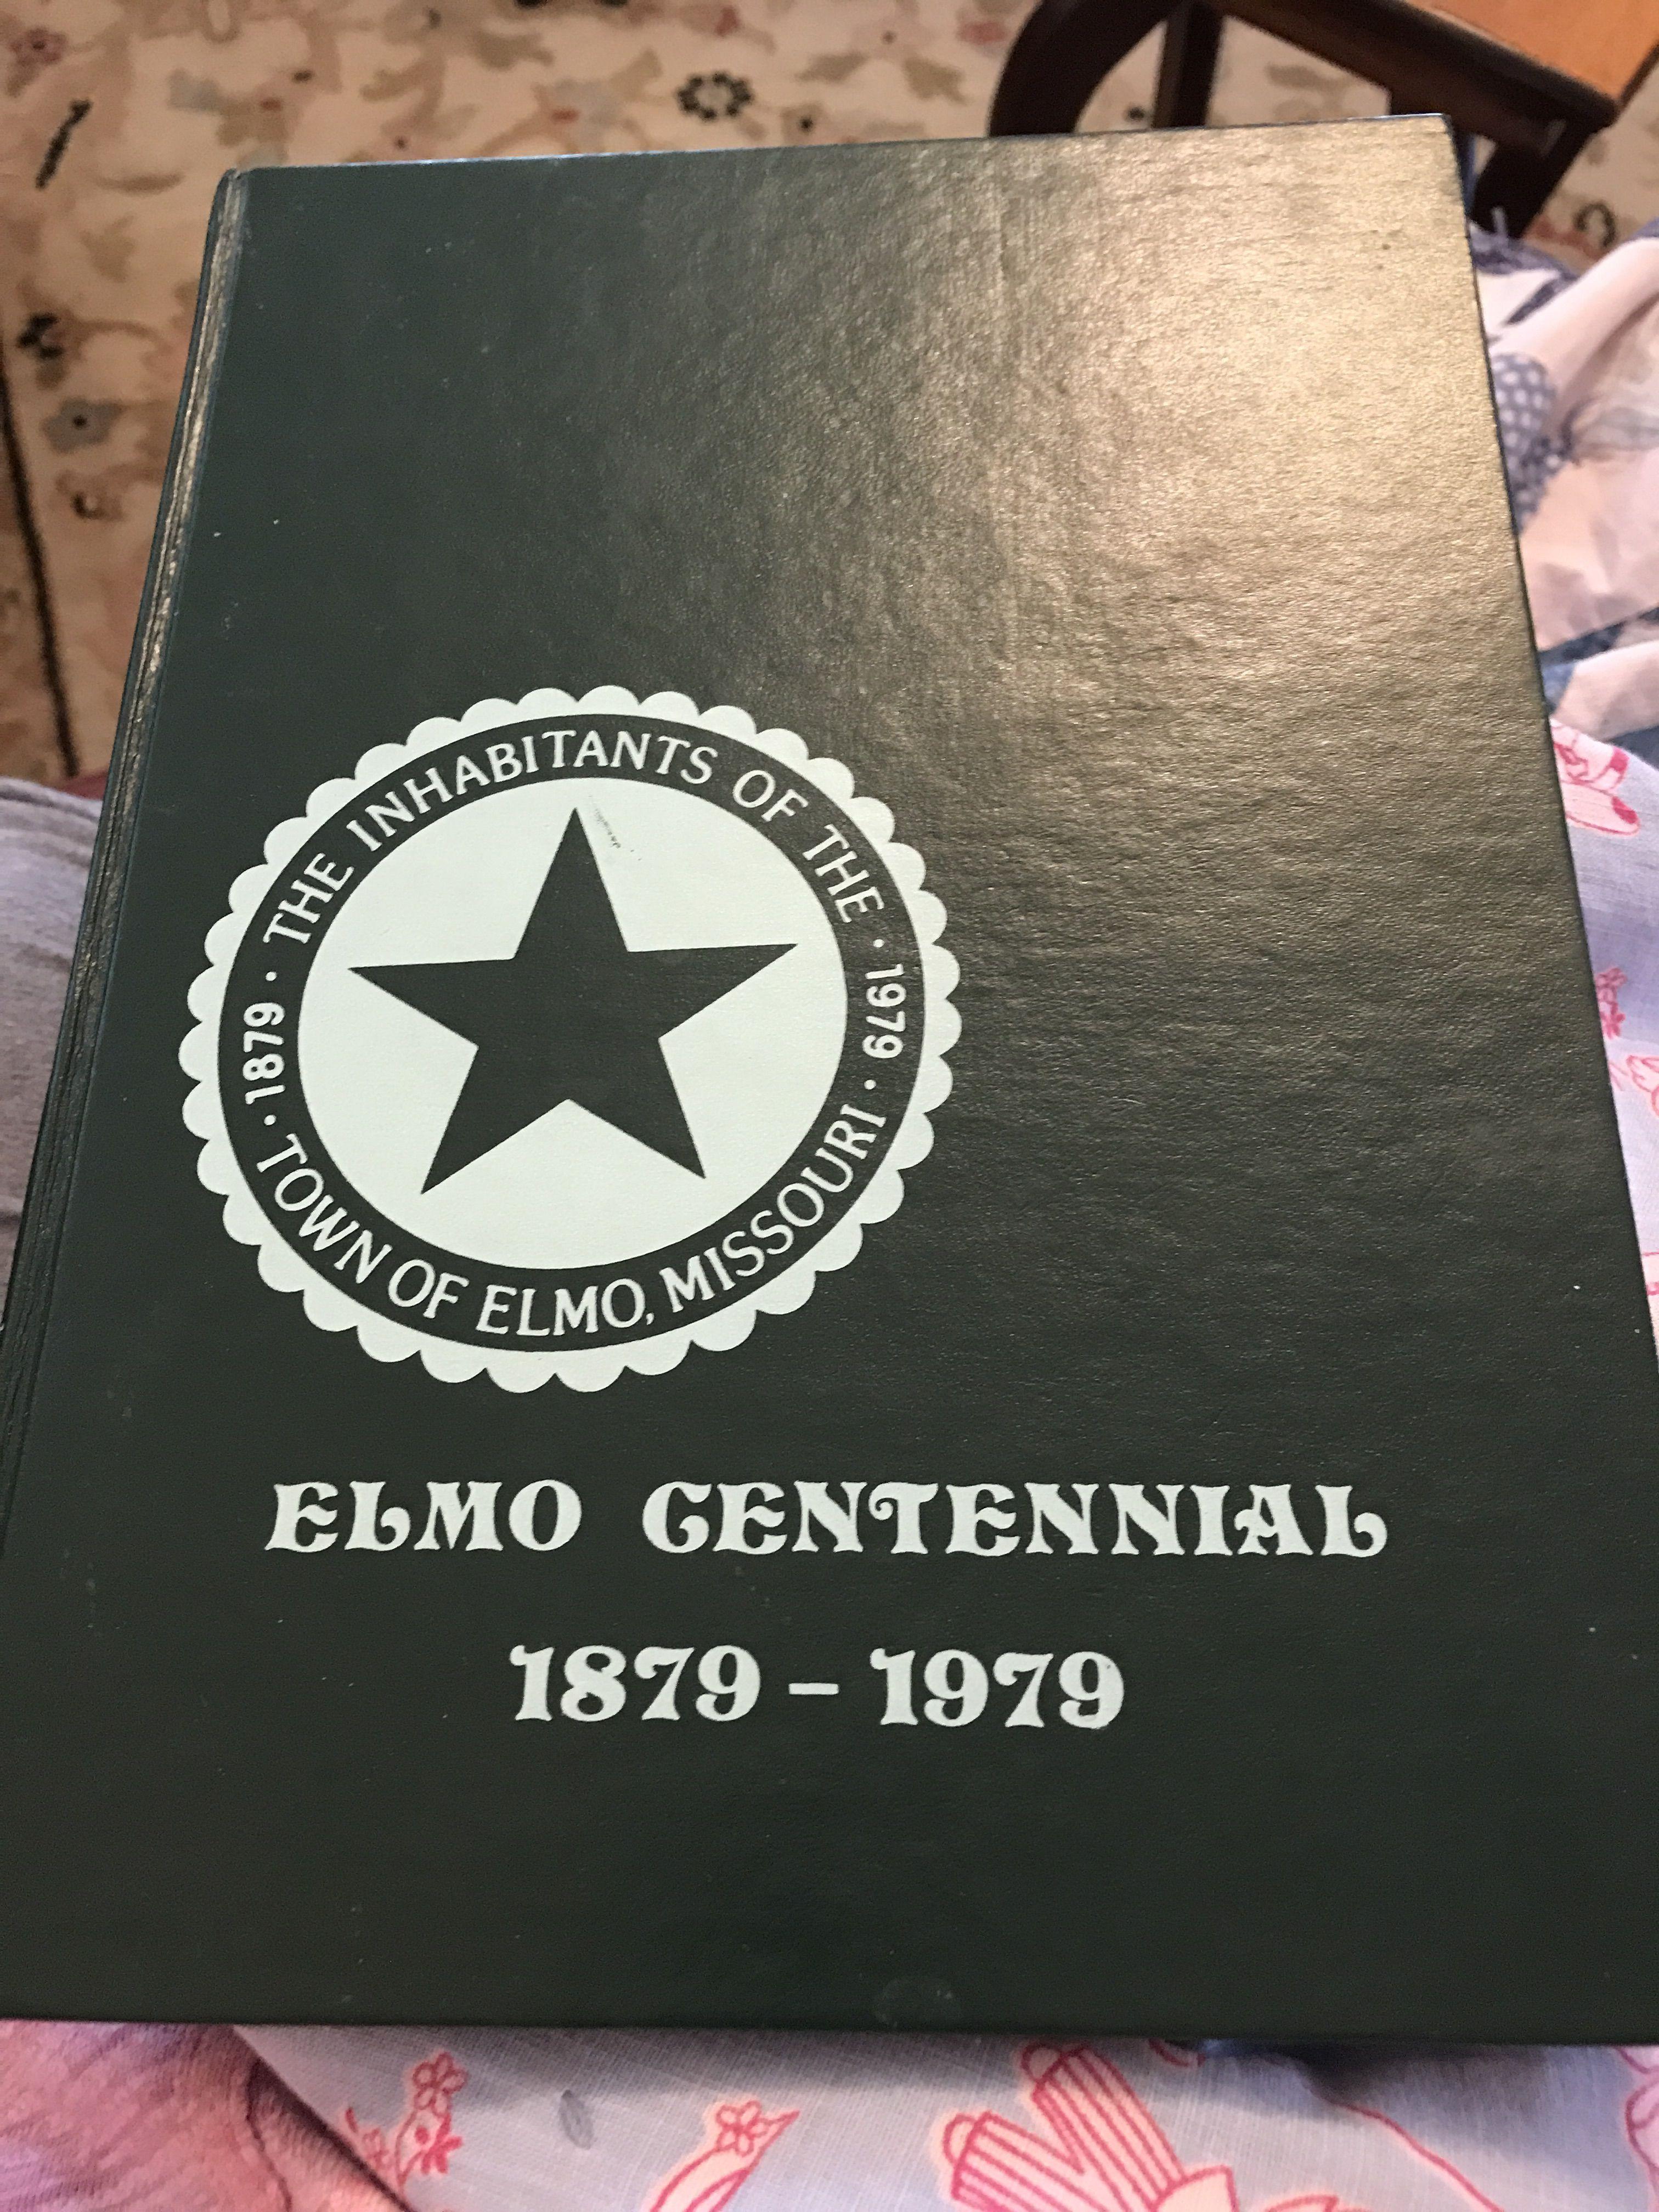 Elmo, Missouri Centennial Book image 1